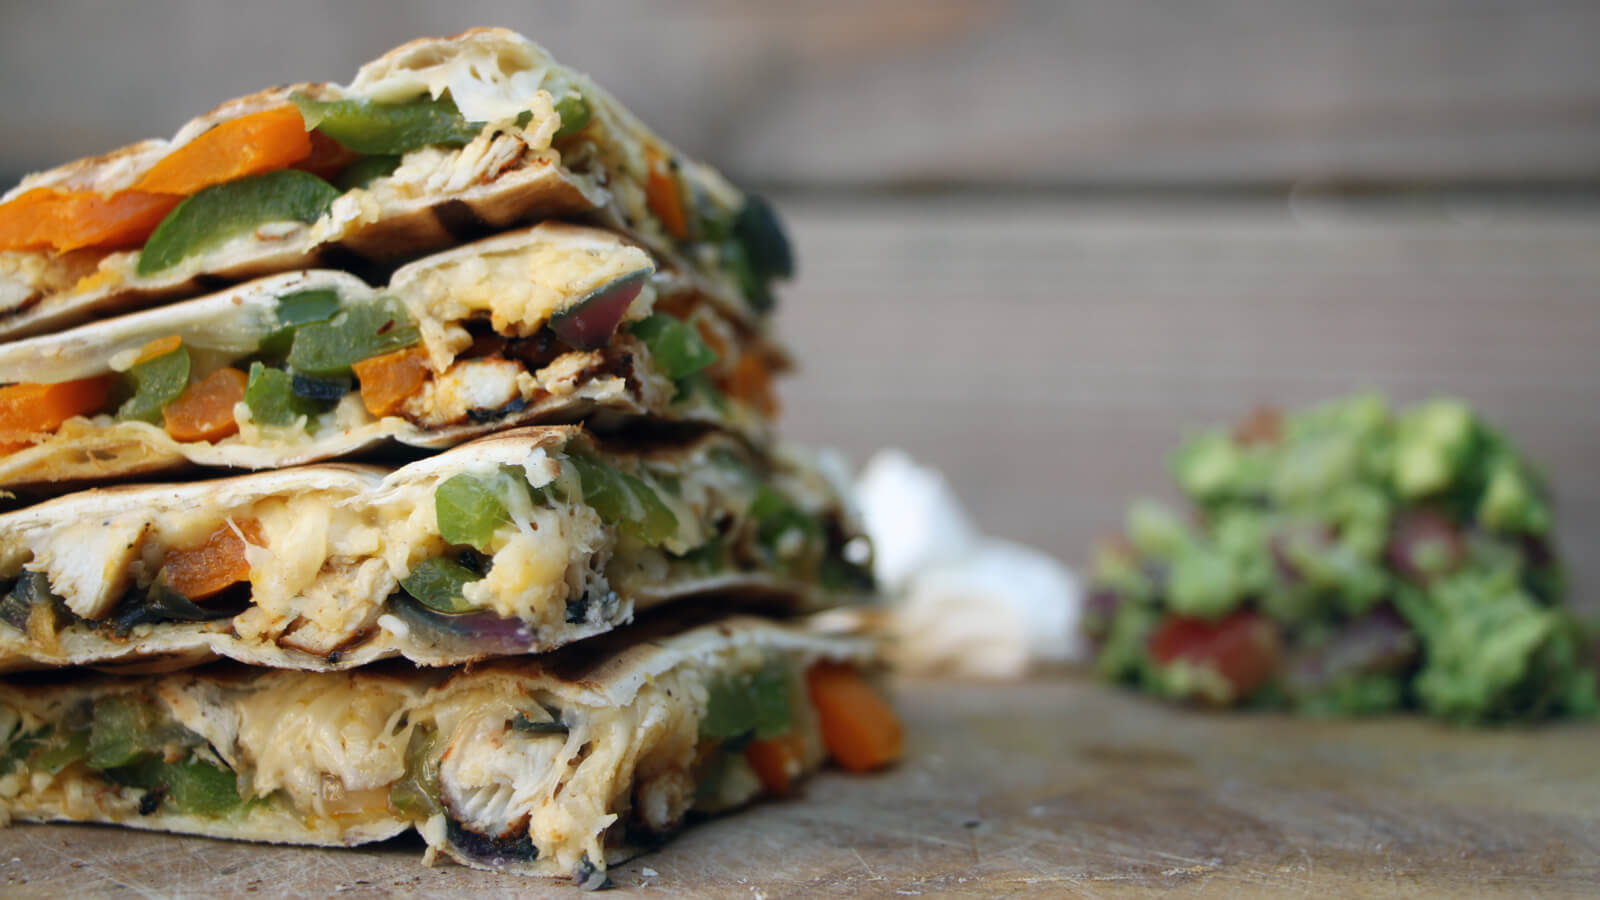 Mexicaanse BBQ? Dan mogen deze quesadillas van de BBQ niet ontbreken!